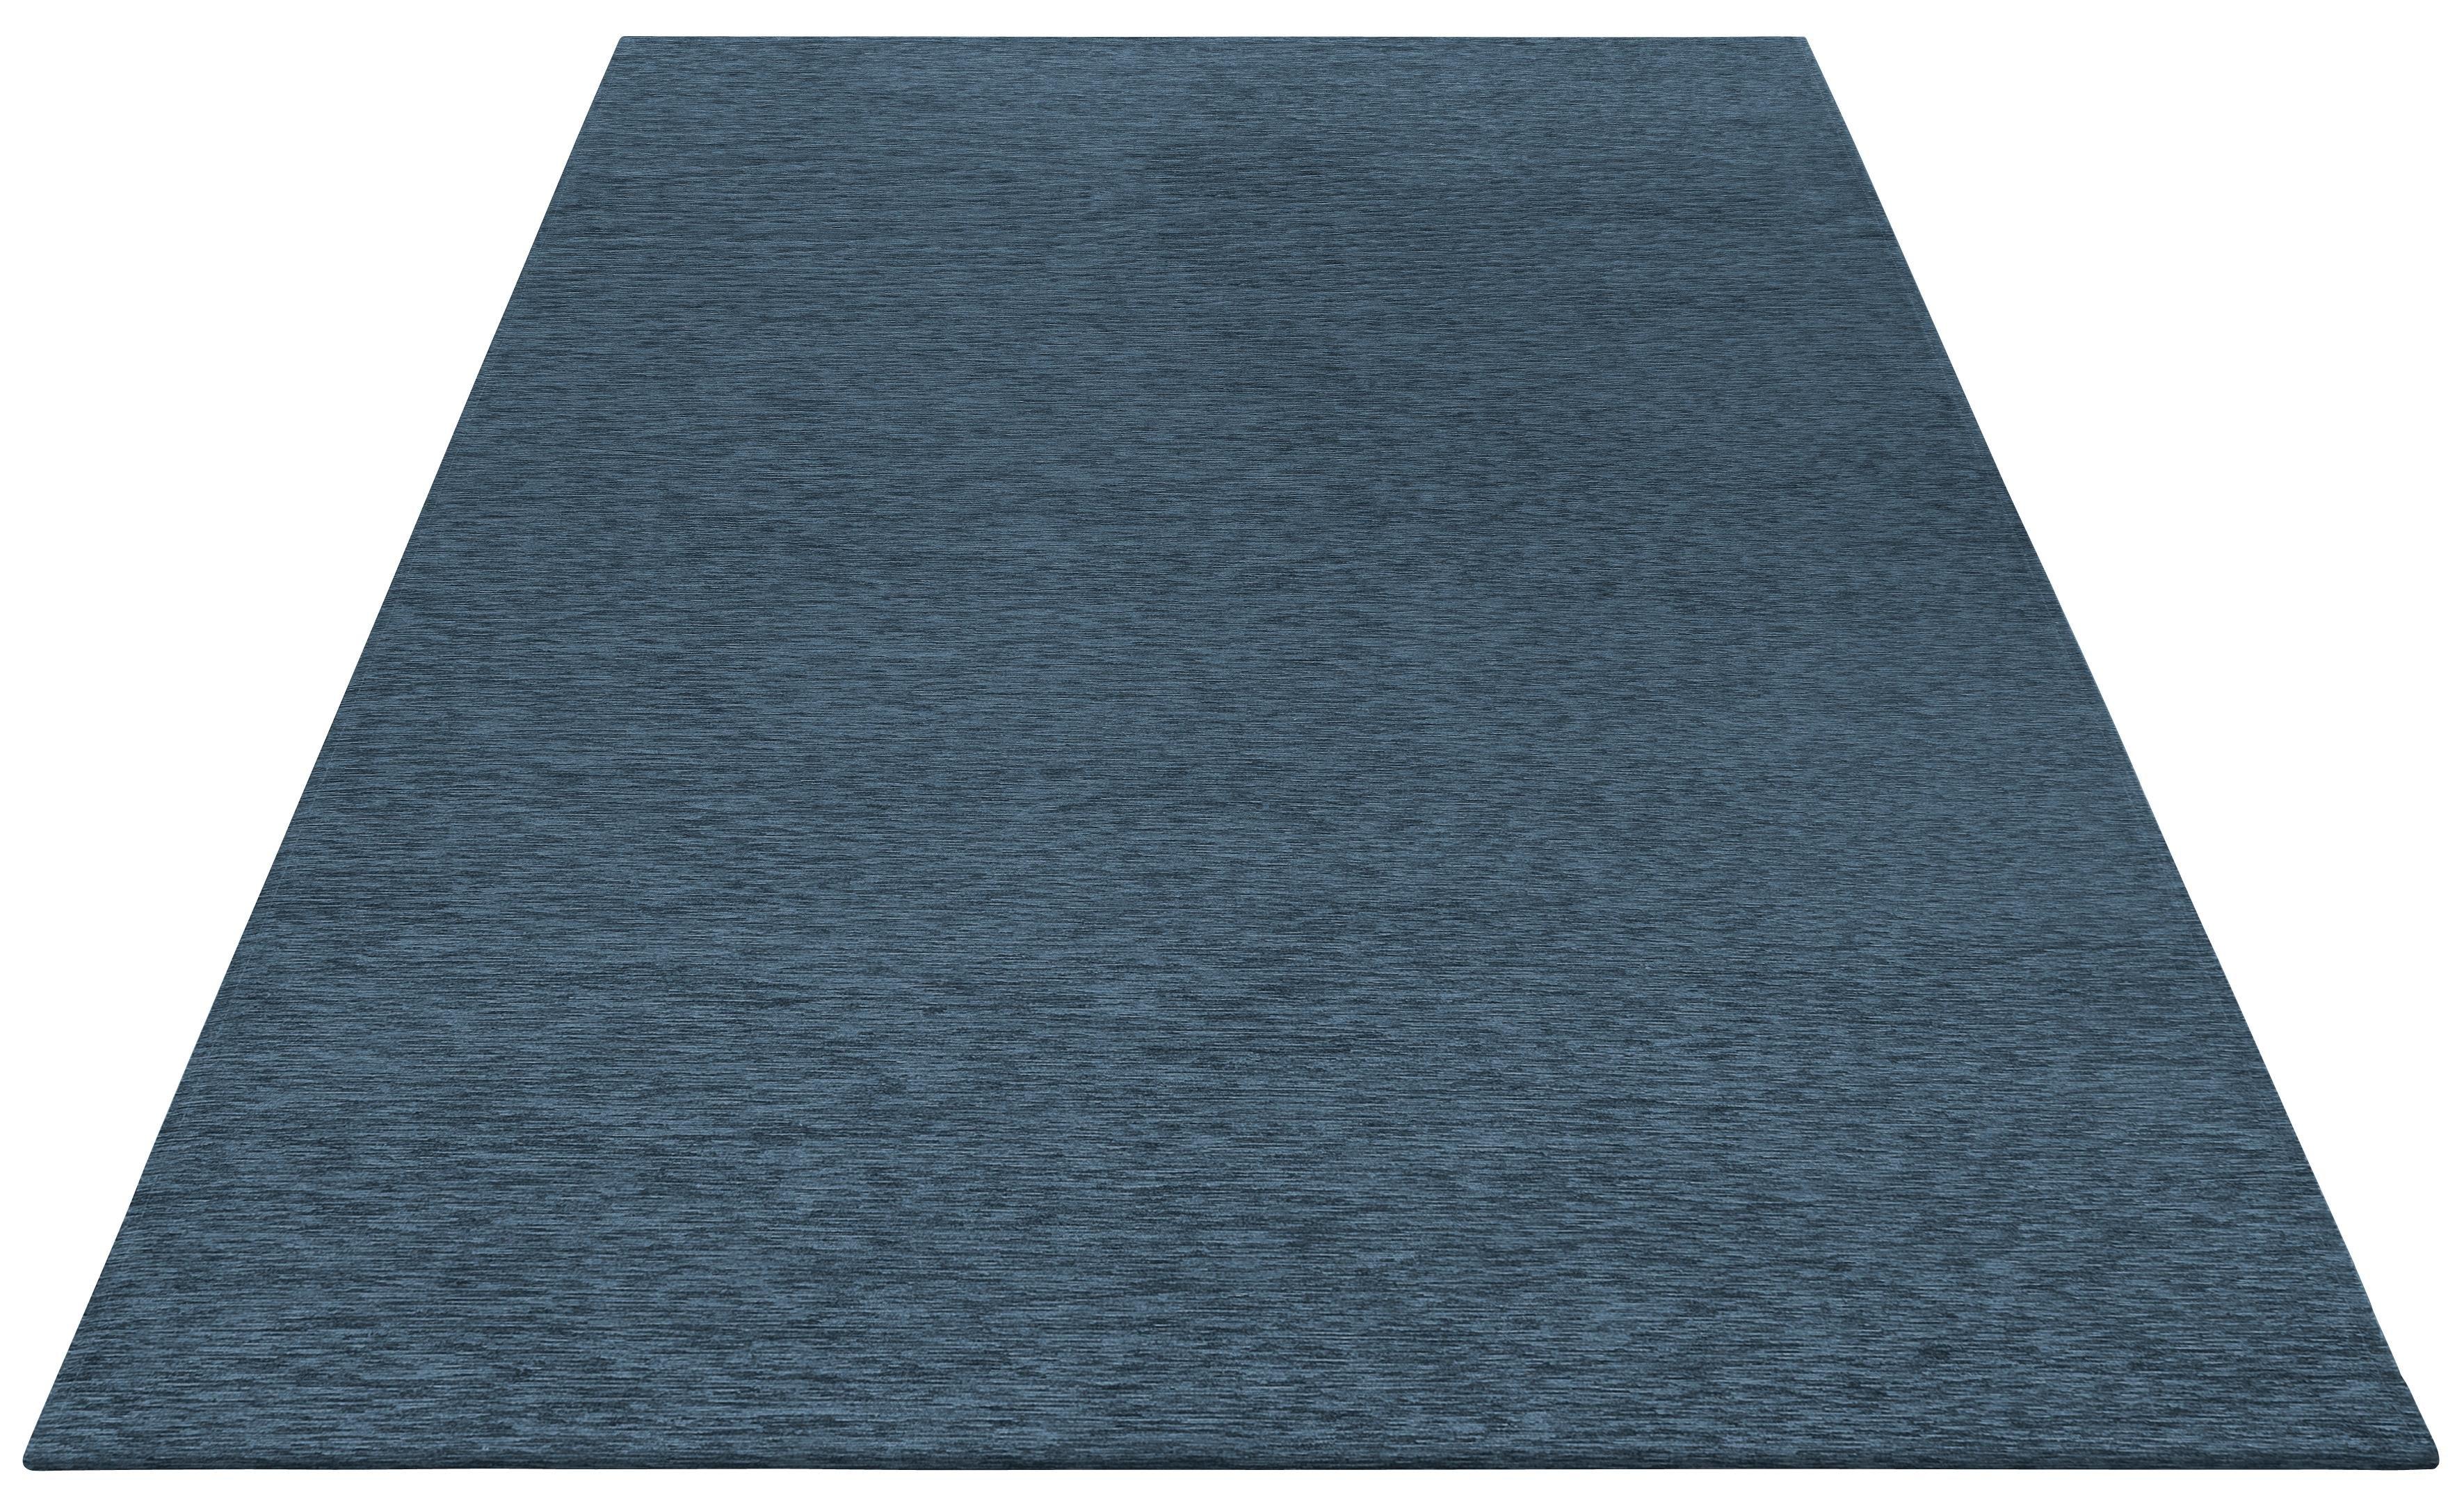 Rood Tapijt Aanbiedingen : Oosterse tapijten online shop nu online kopen otto